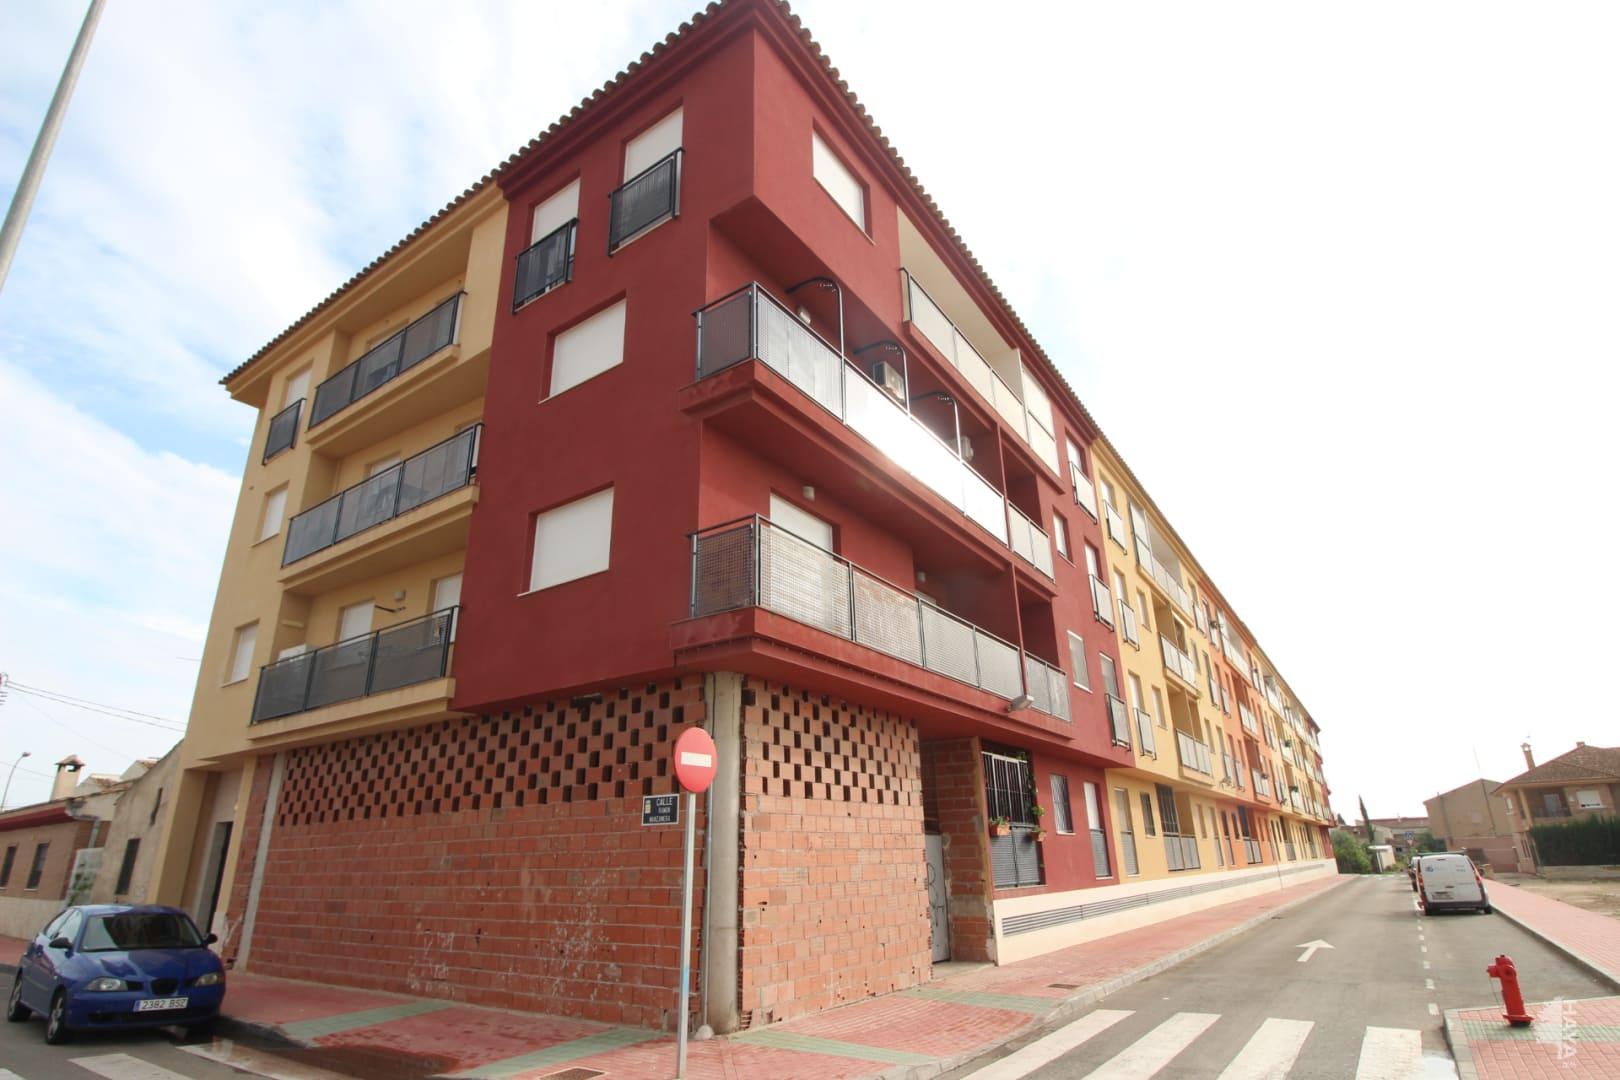 Piso en venta en Murcia, Murcia, Calle Miguel de la Nieves, 100.000 €, 4 habitaciones, 2 baños, 162 m2